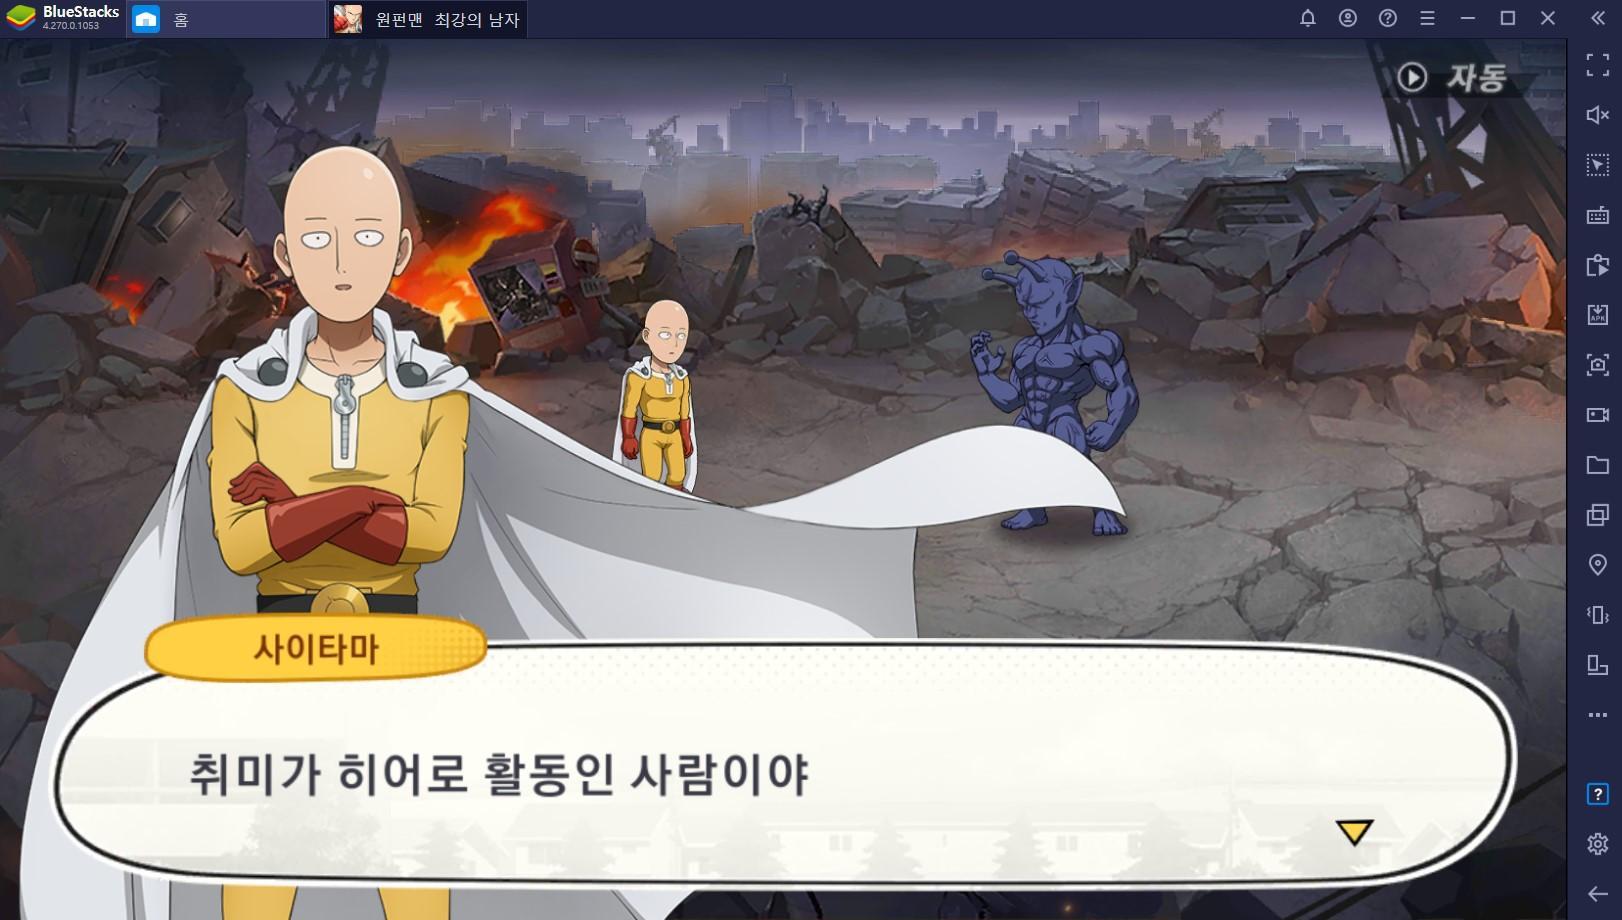 원펀맨: 최강의 남자 드디어 오픈! PC에서 원펀치 액션을 모바일 RPG로 만나봅시다